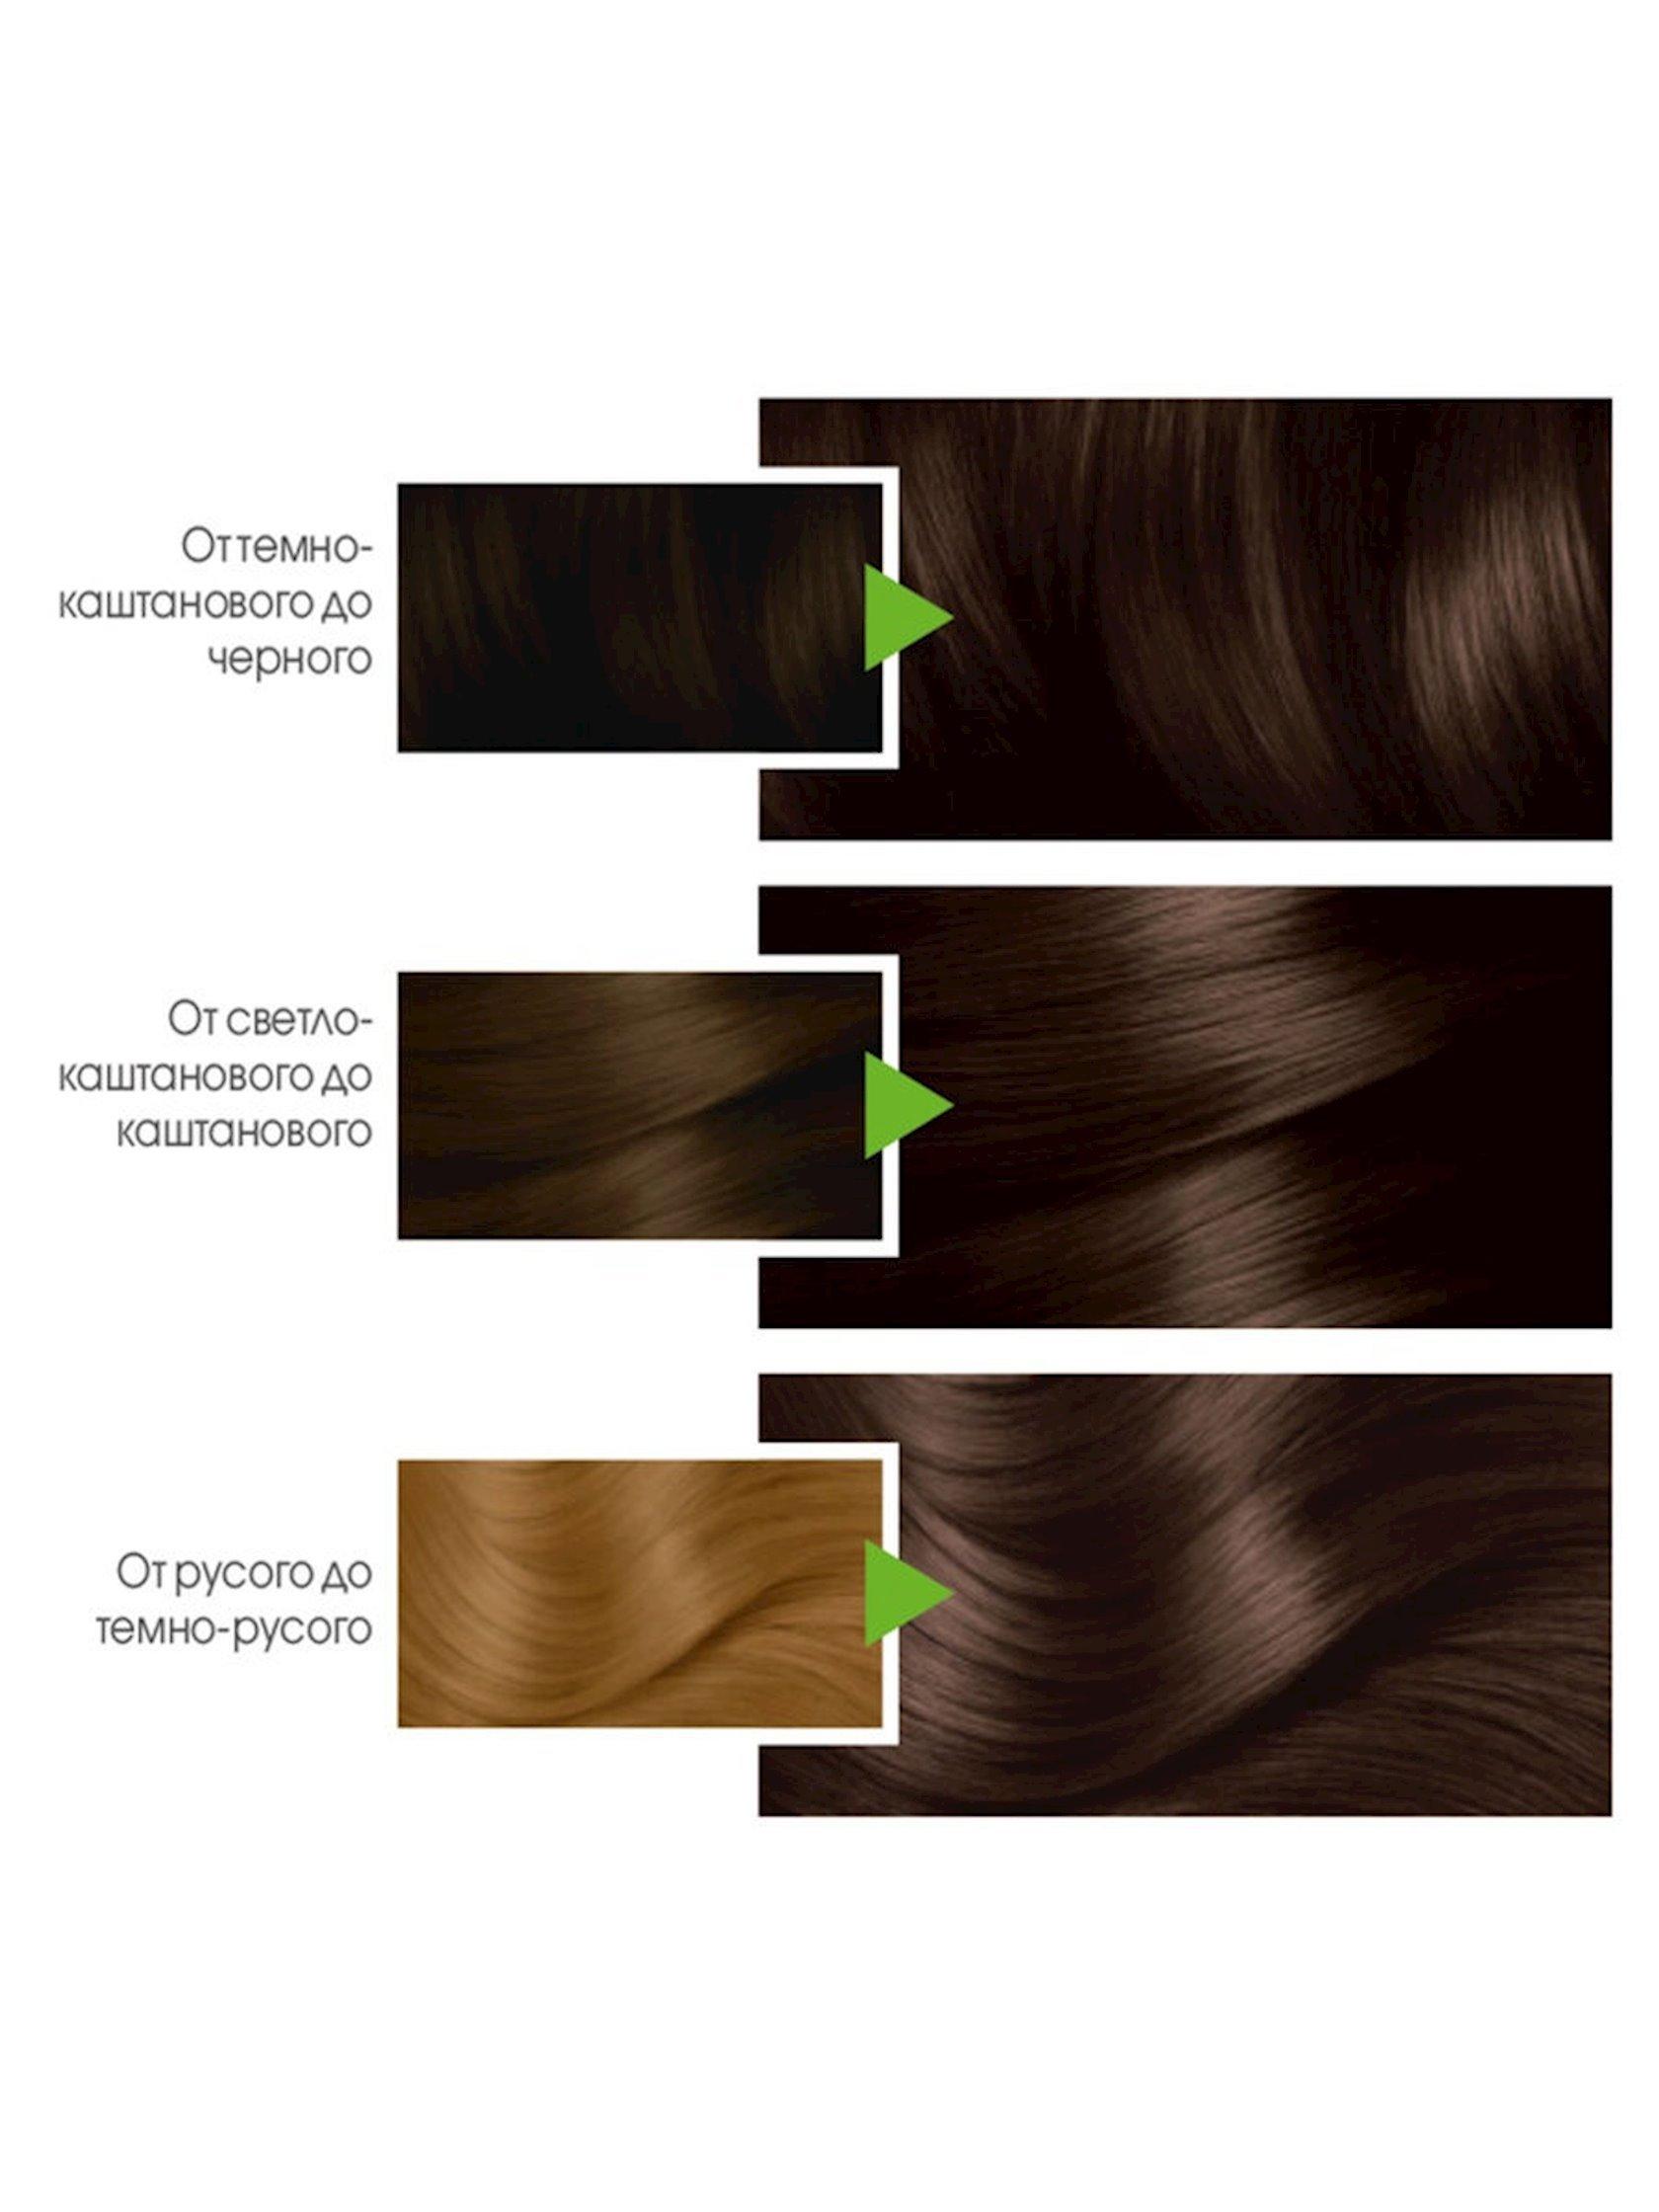 Saç üçün qalıcı krem-boya Garnier Color Naturals 3 Tünd şabalıd